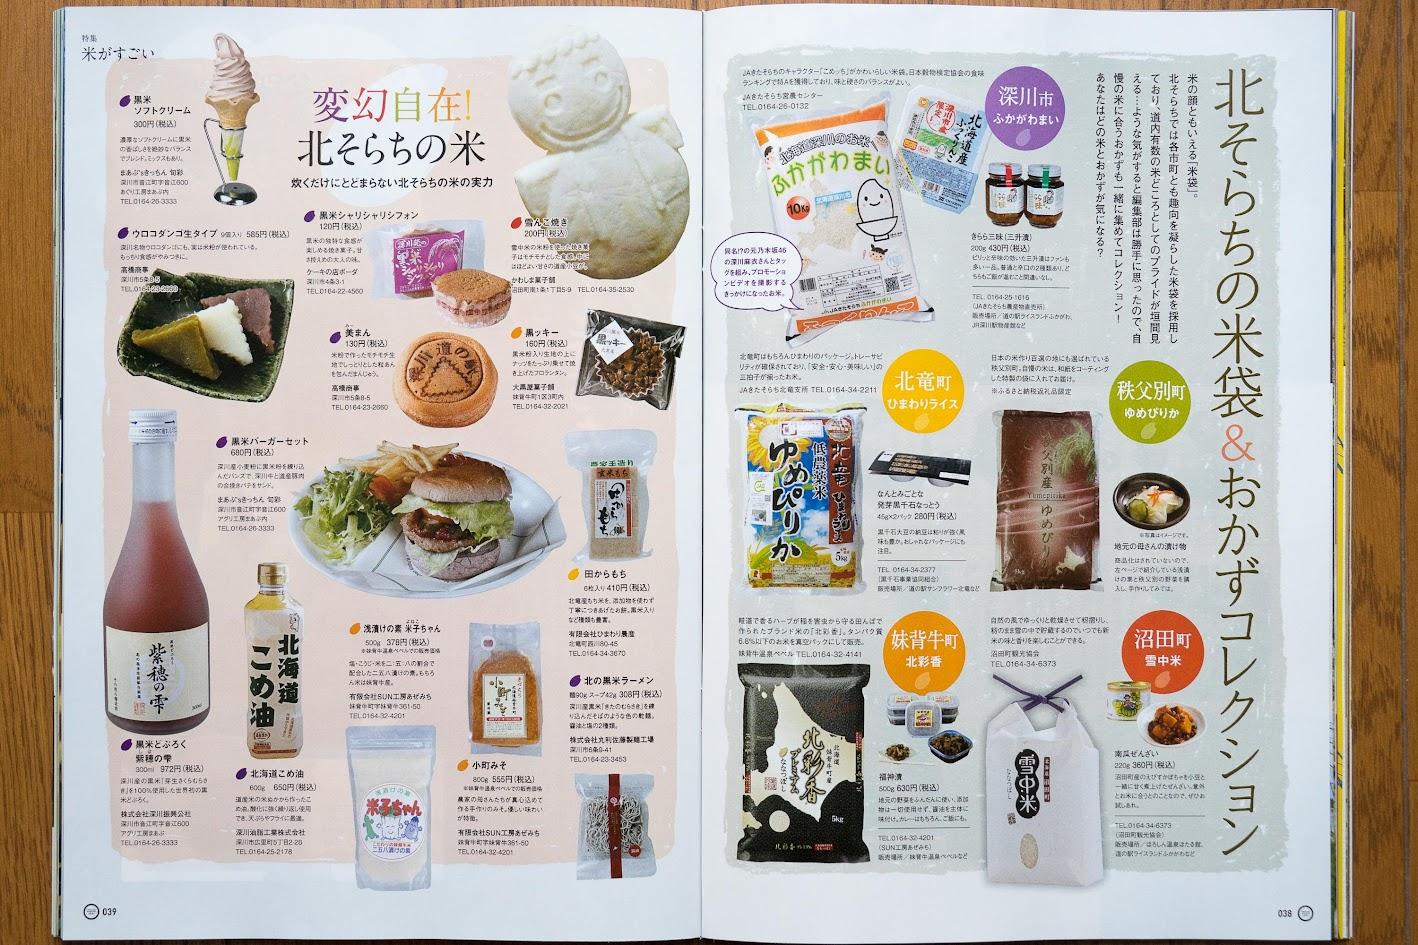 北そらちの米袋&おかずコレクション:北竜町ひまわりライス&「田からもち」